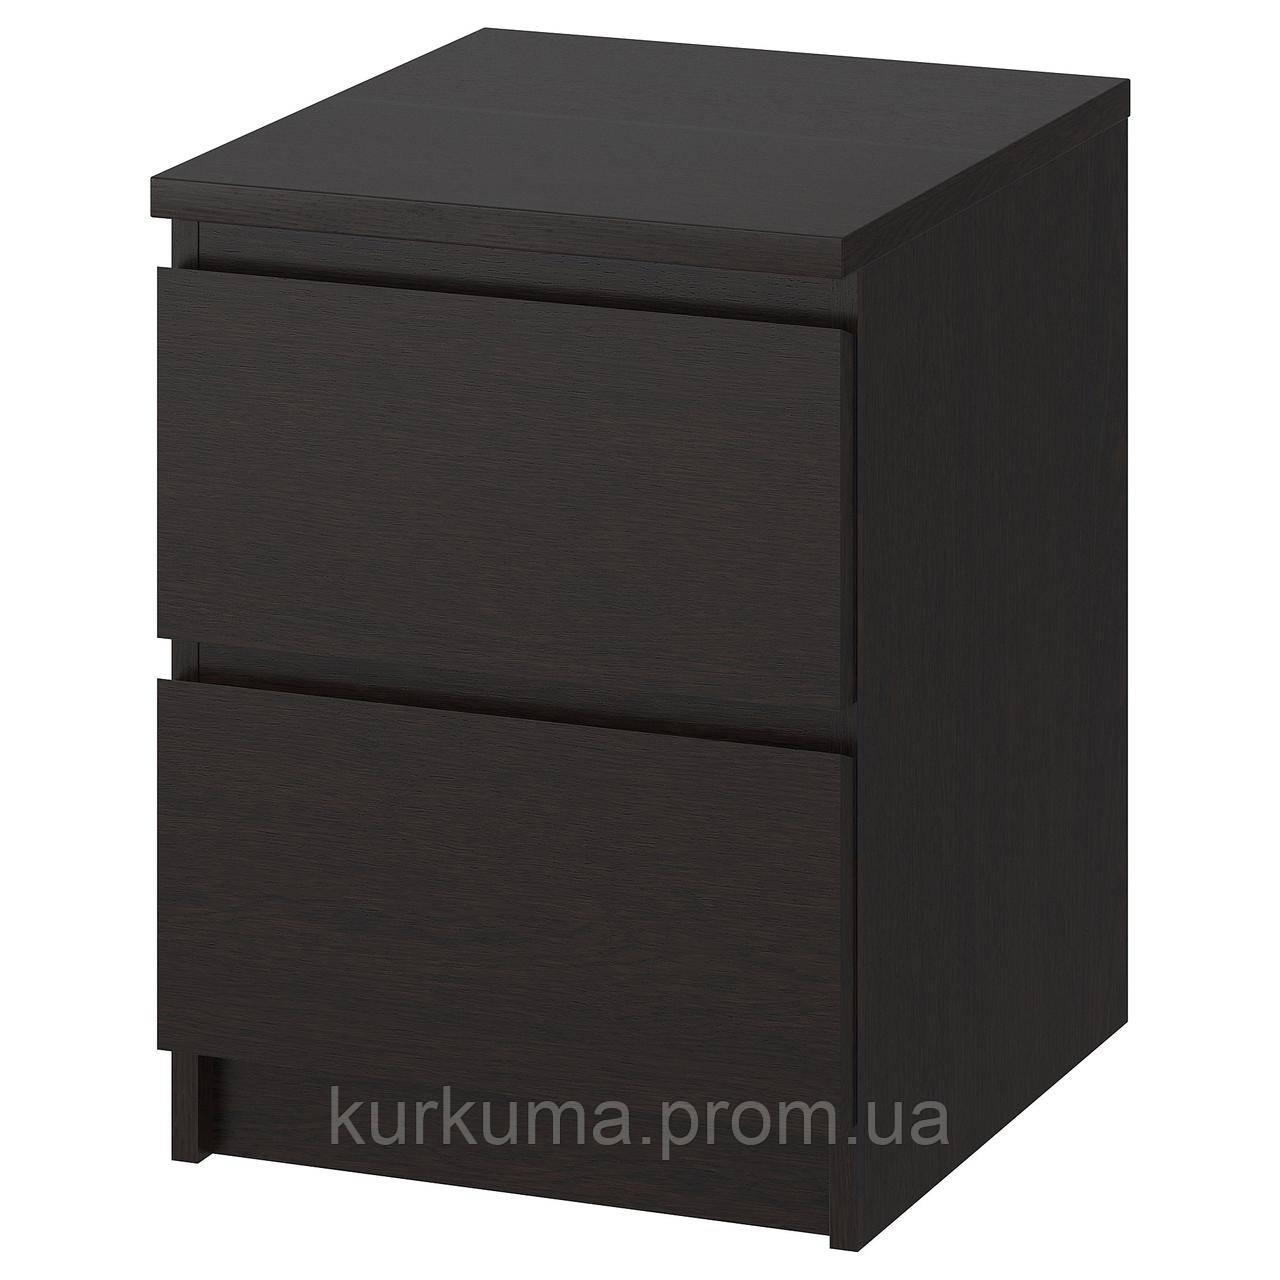 IKEA MALM Комод с 2 ящиками, черно-коричневый  (001.033.43)